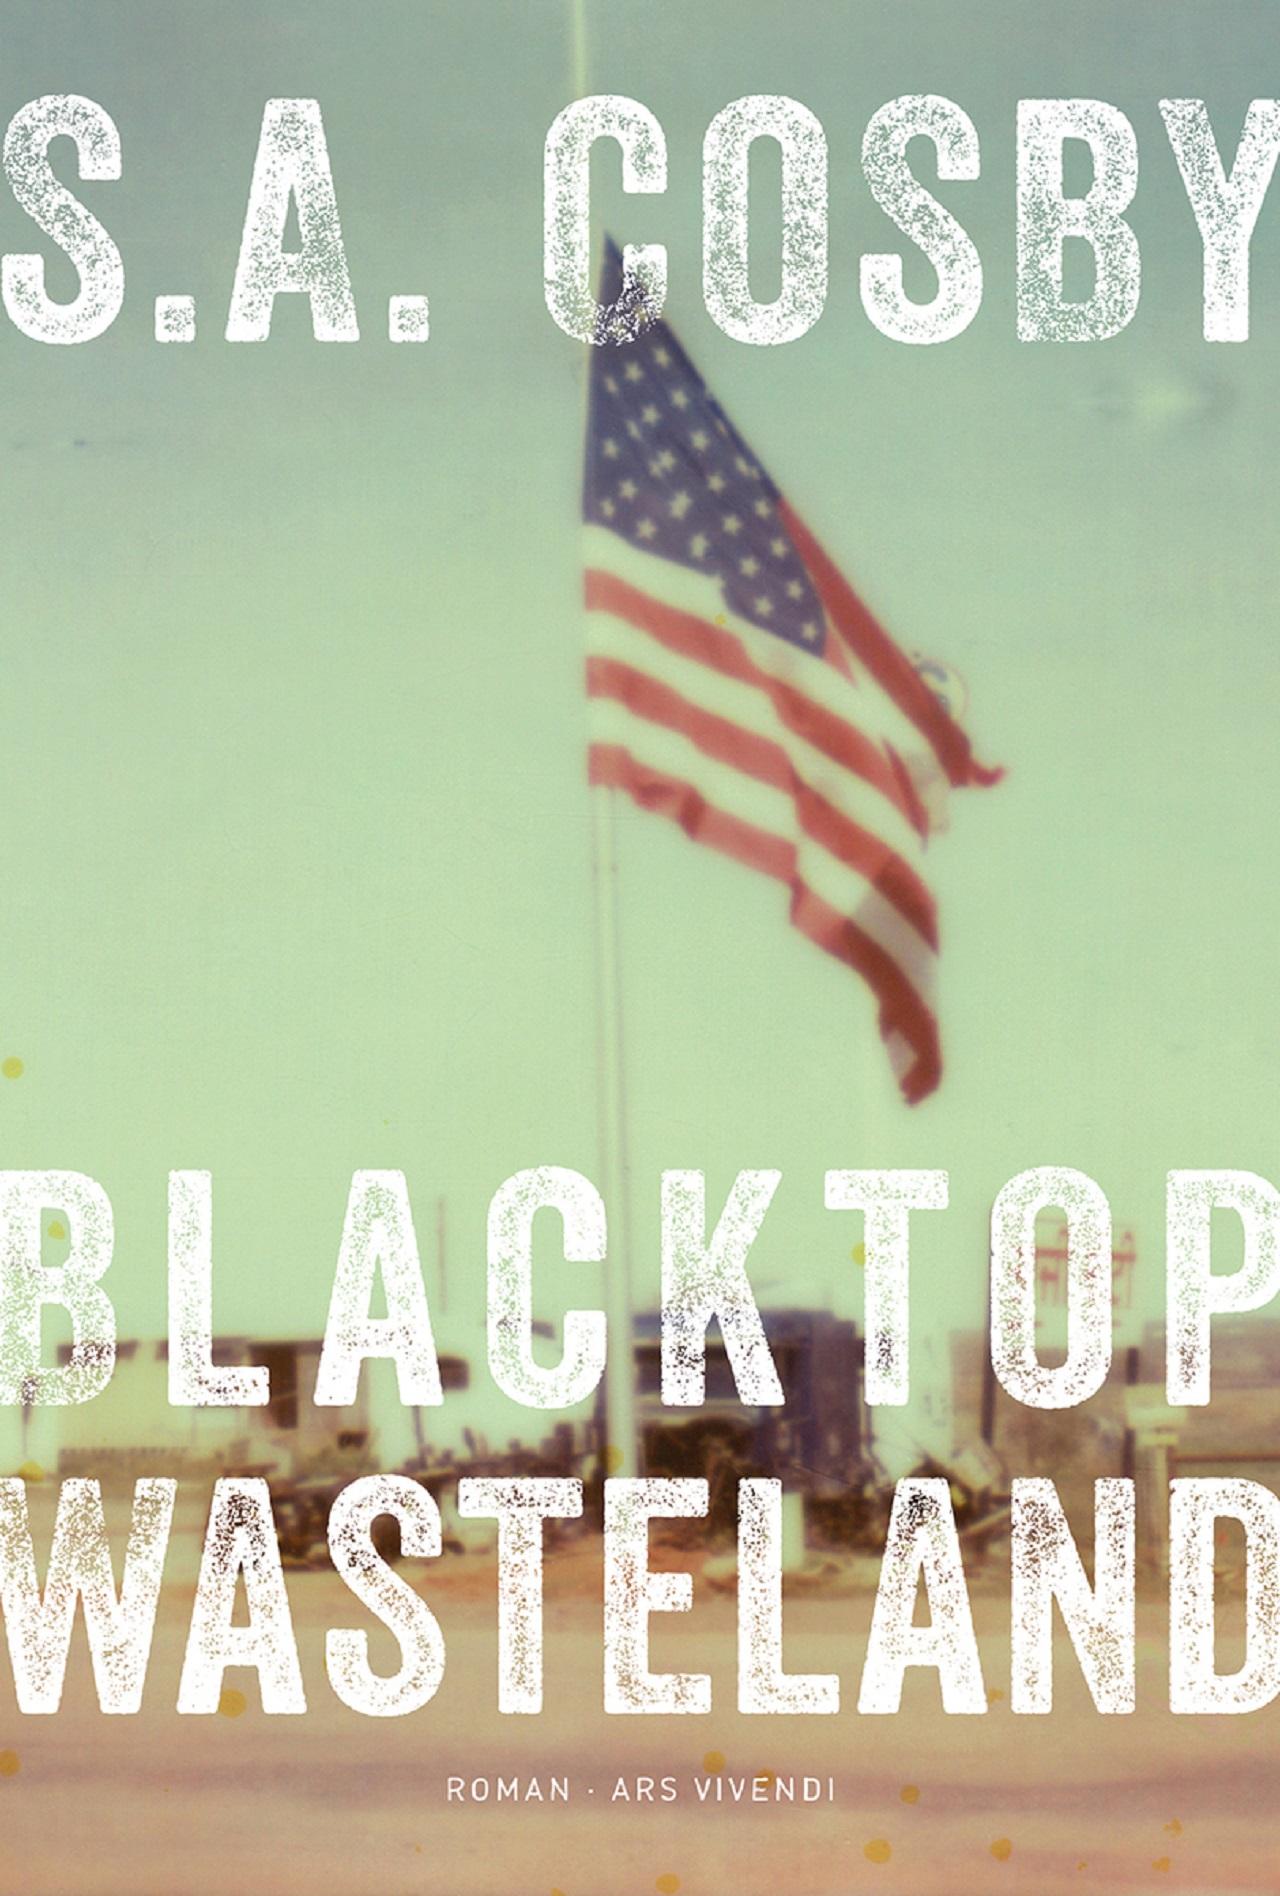 """Die US-amerikanische Flagge un eine kleine Werkstatt sind am Titelbild des Gangsterromans """"Blacktop Wasteland""""."""